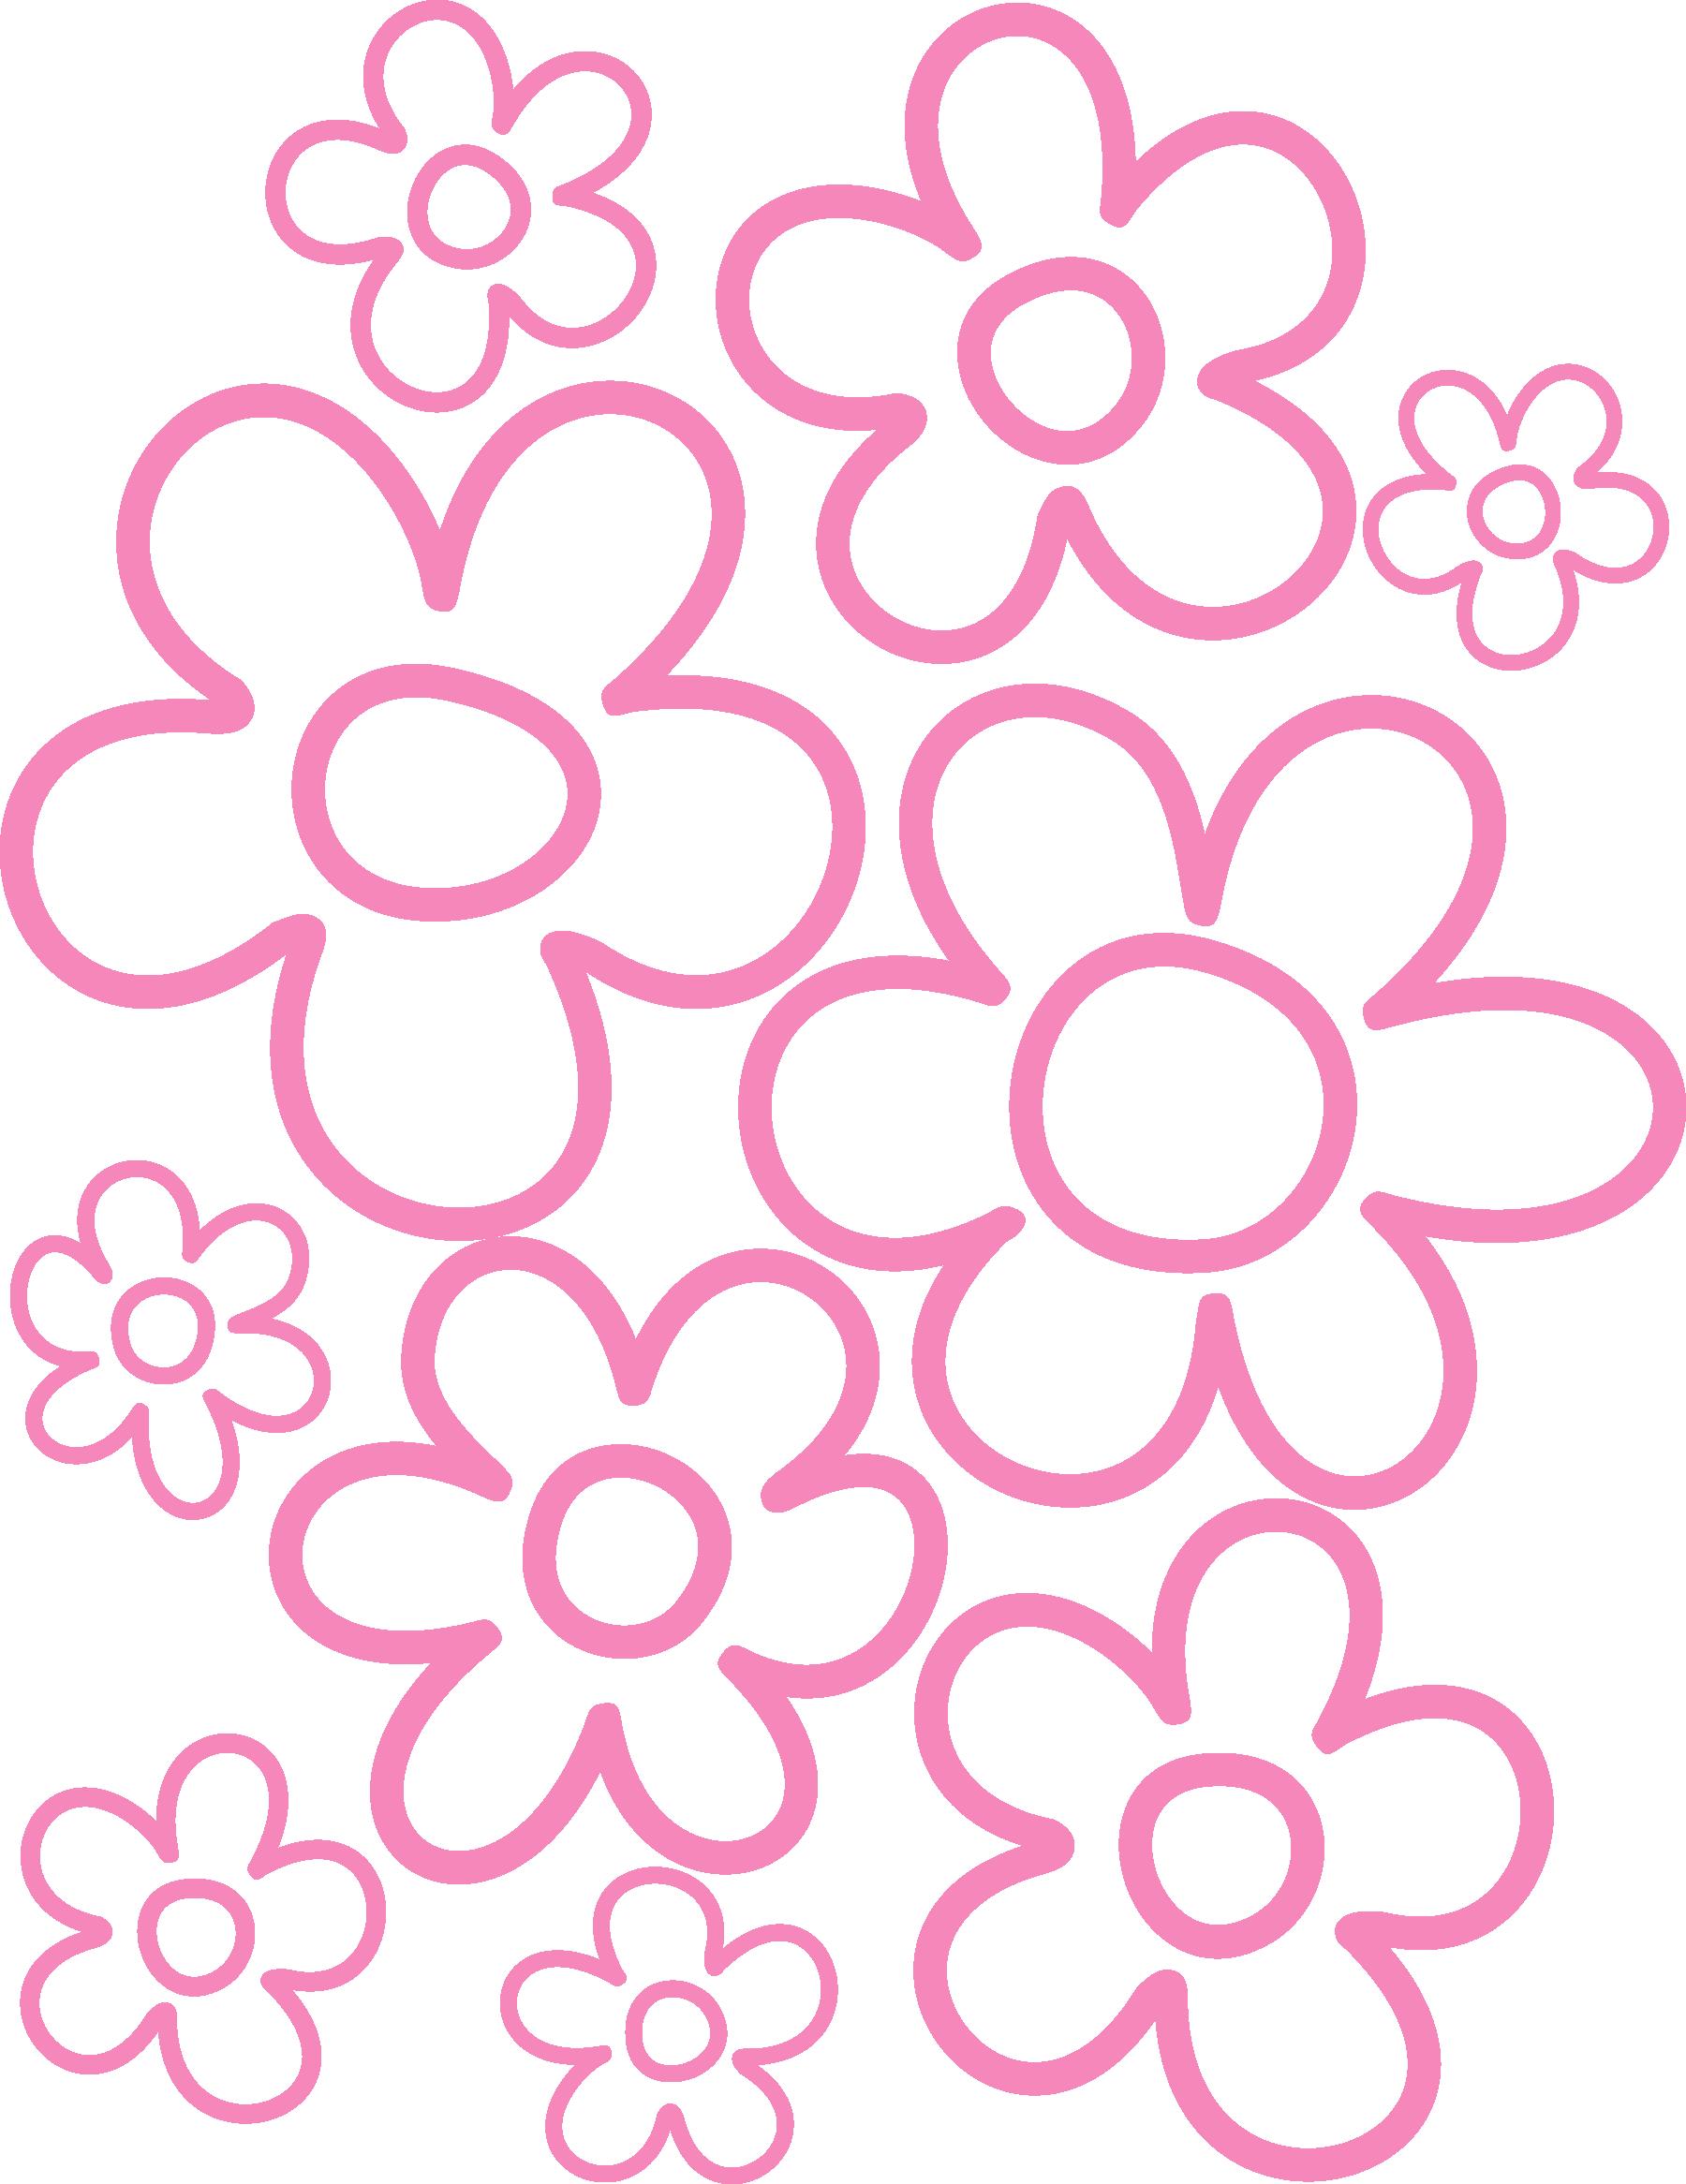 Dibujos de florecitas imagui - Dibujos de vinilo para paredes ...